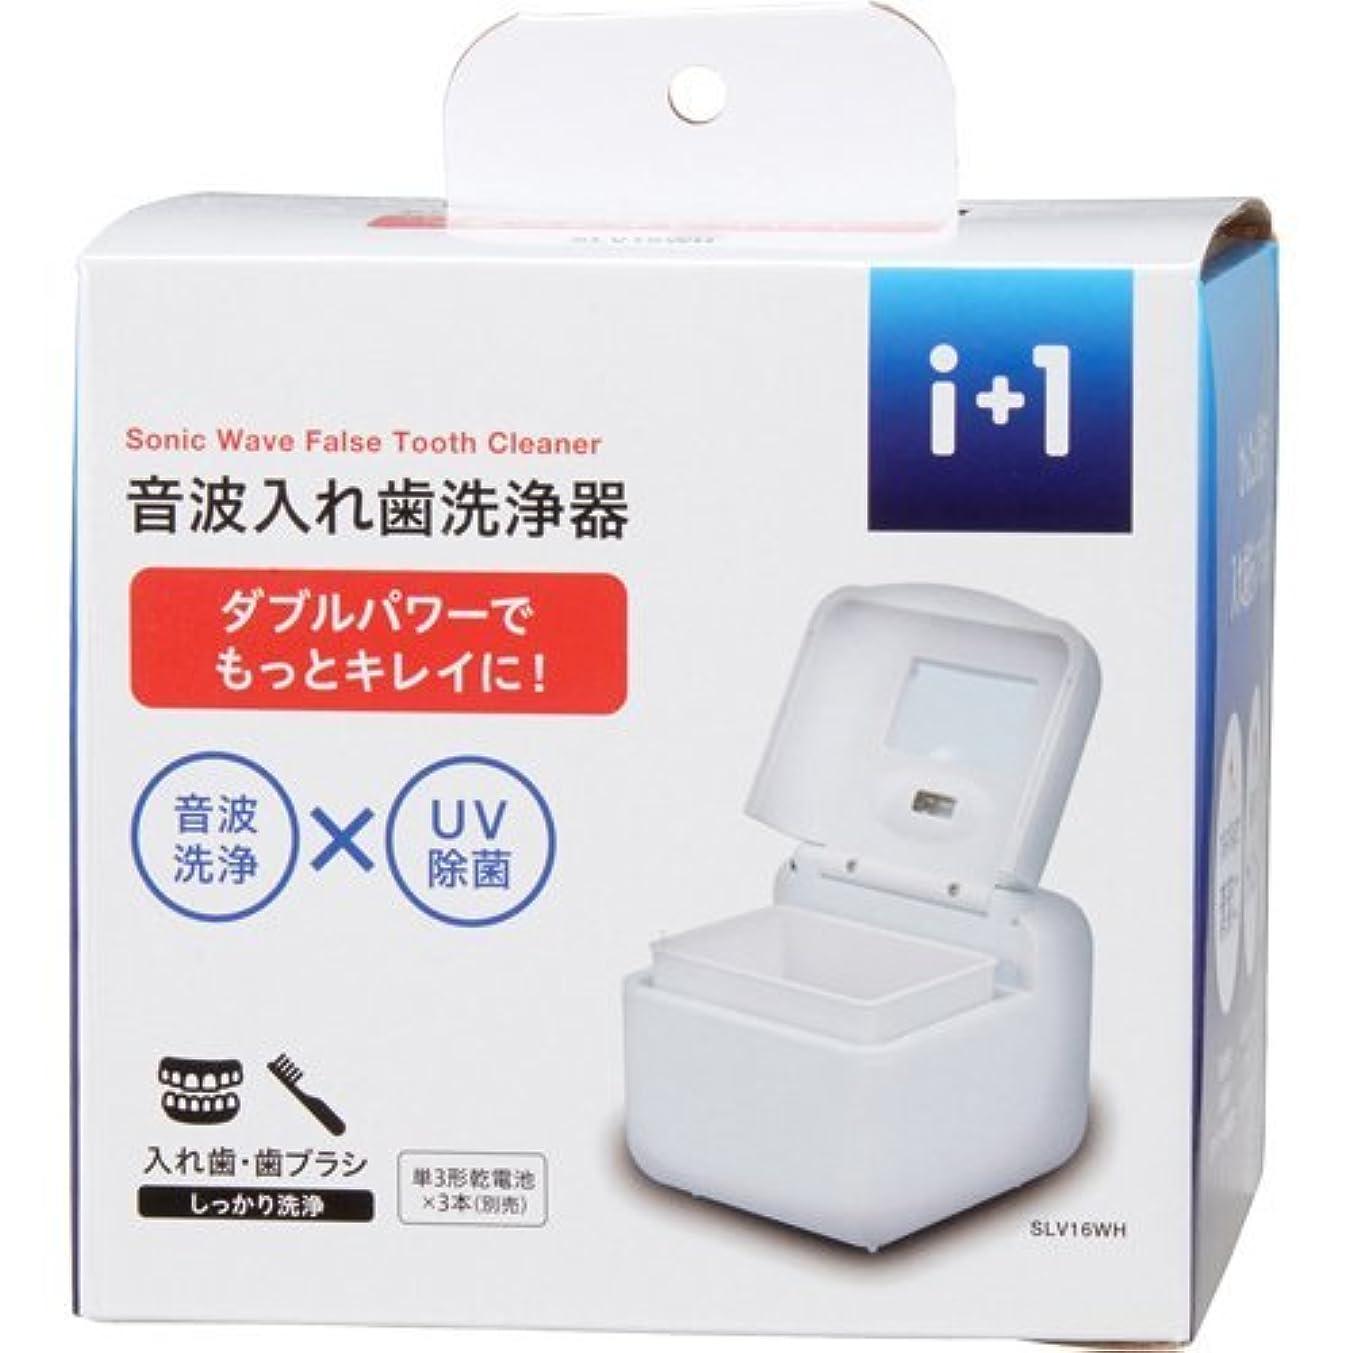 比類のないコメンテーターライセンスYAZAWA(ヤザワコーポレーション) UV殺菌機能付き 音波入歯洗浄機 ホワイト SLV16WH